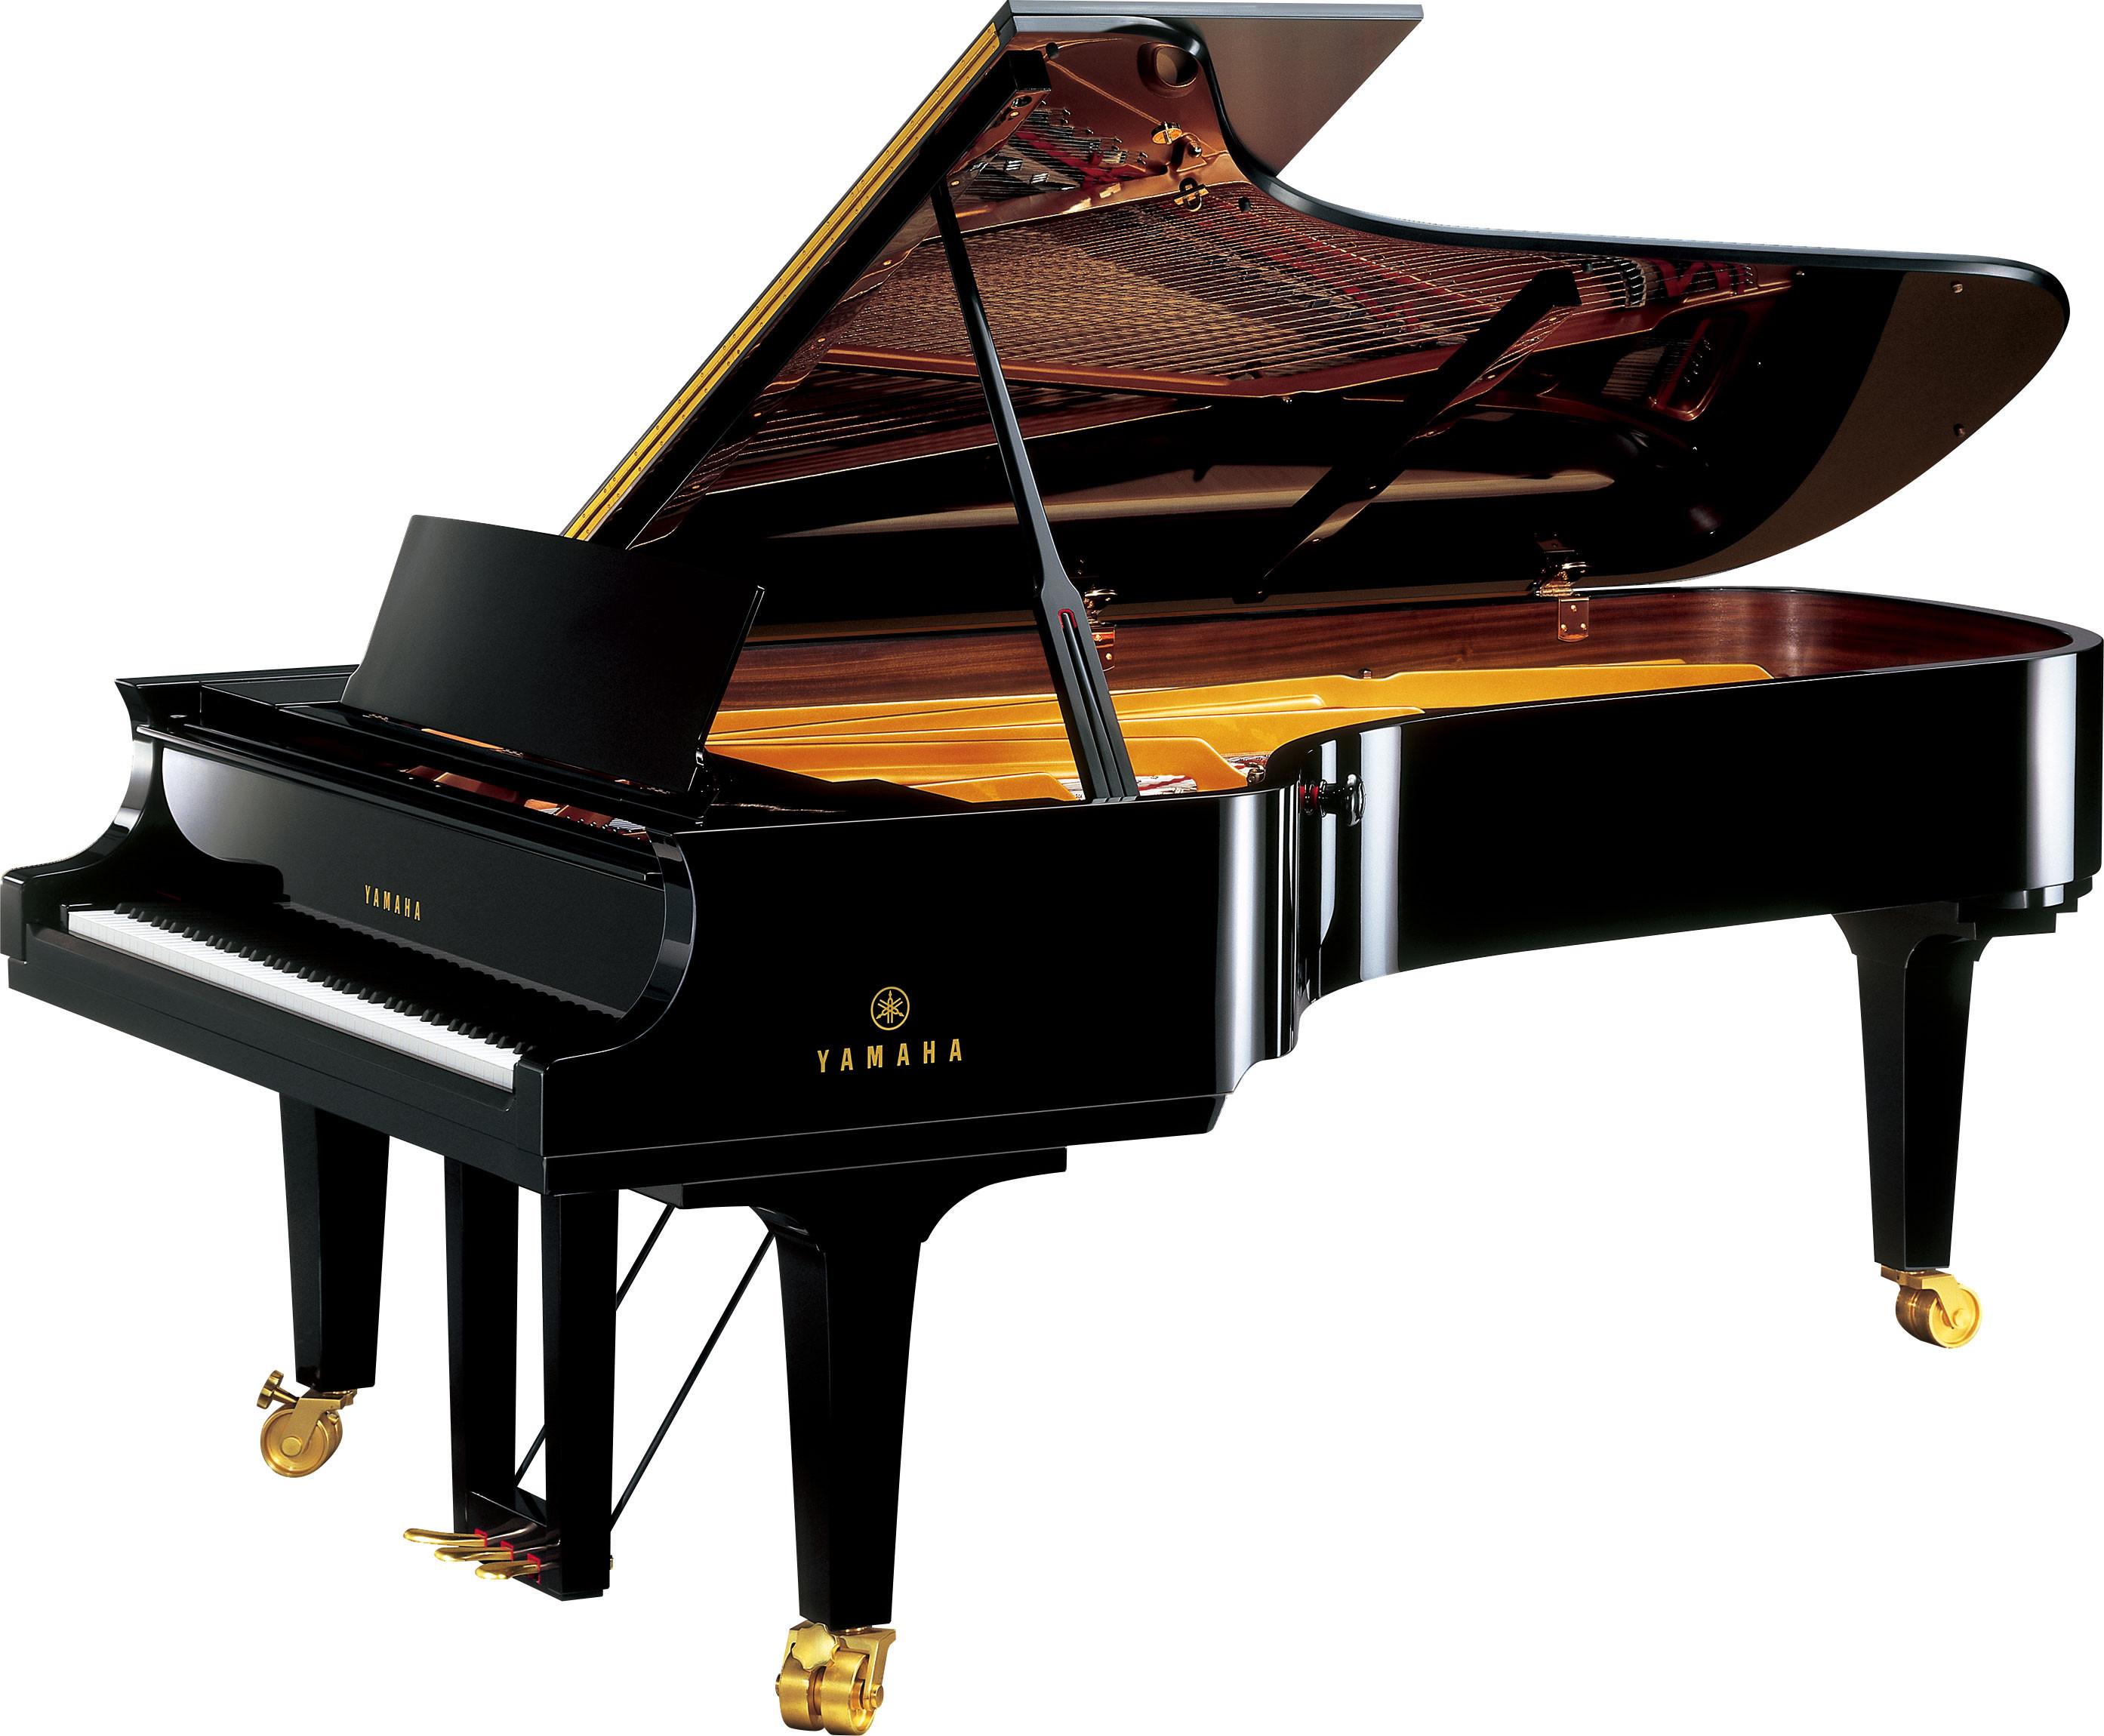 piano1_yamaha-cfx-bk2.jpg